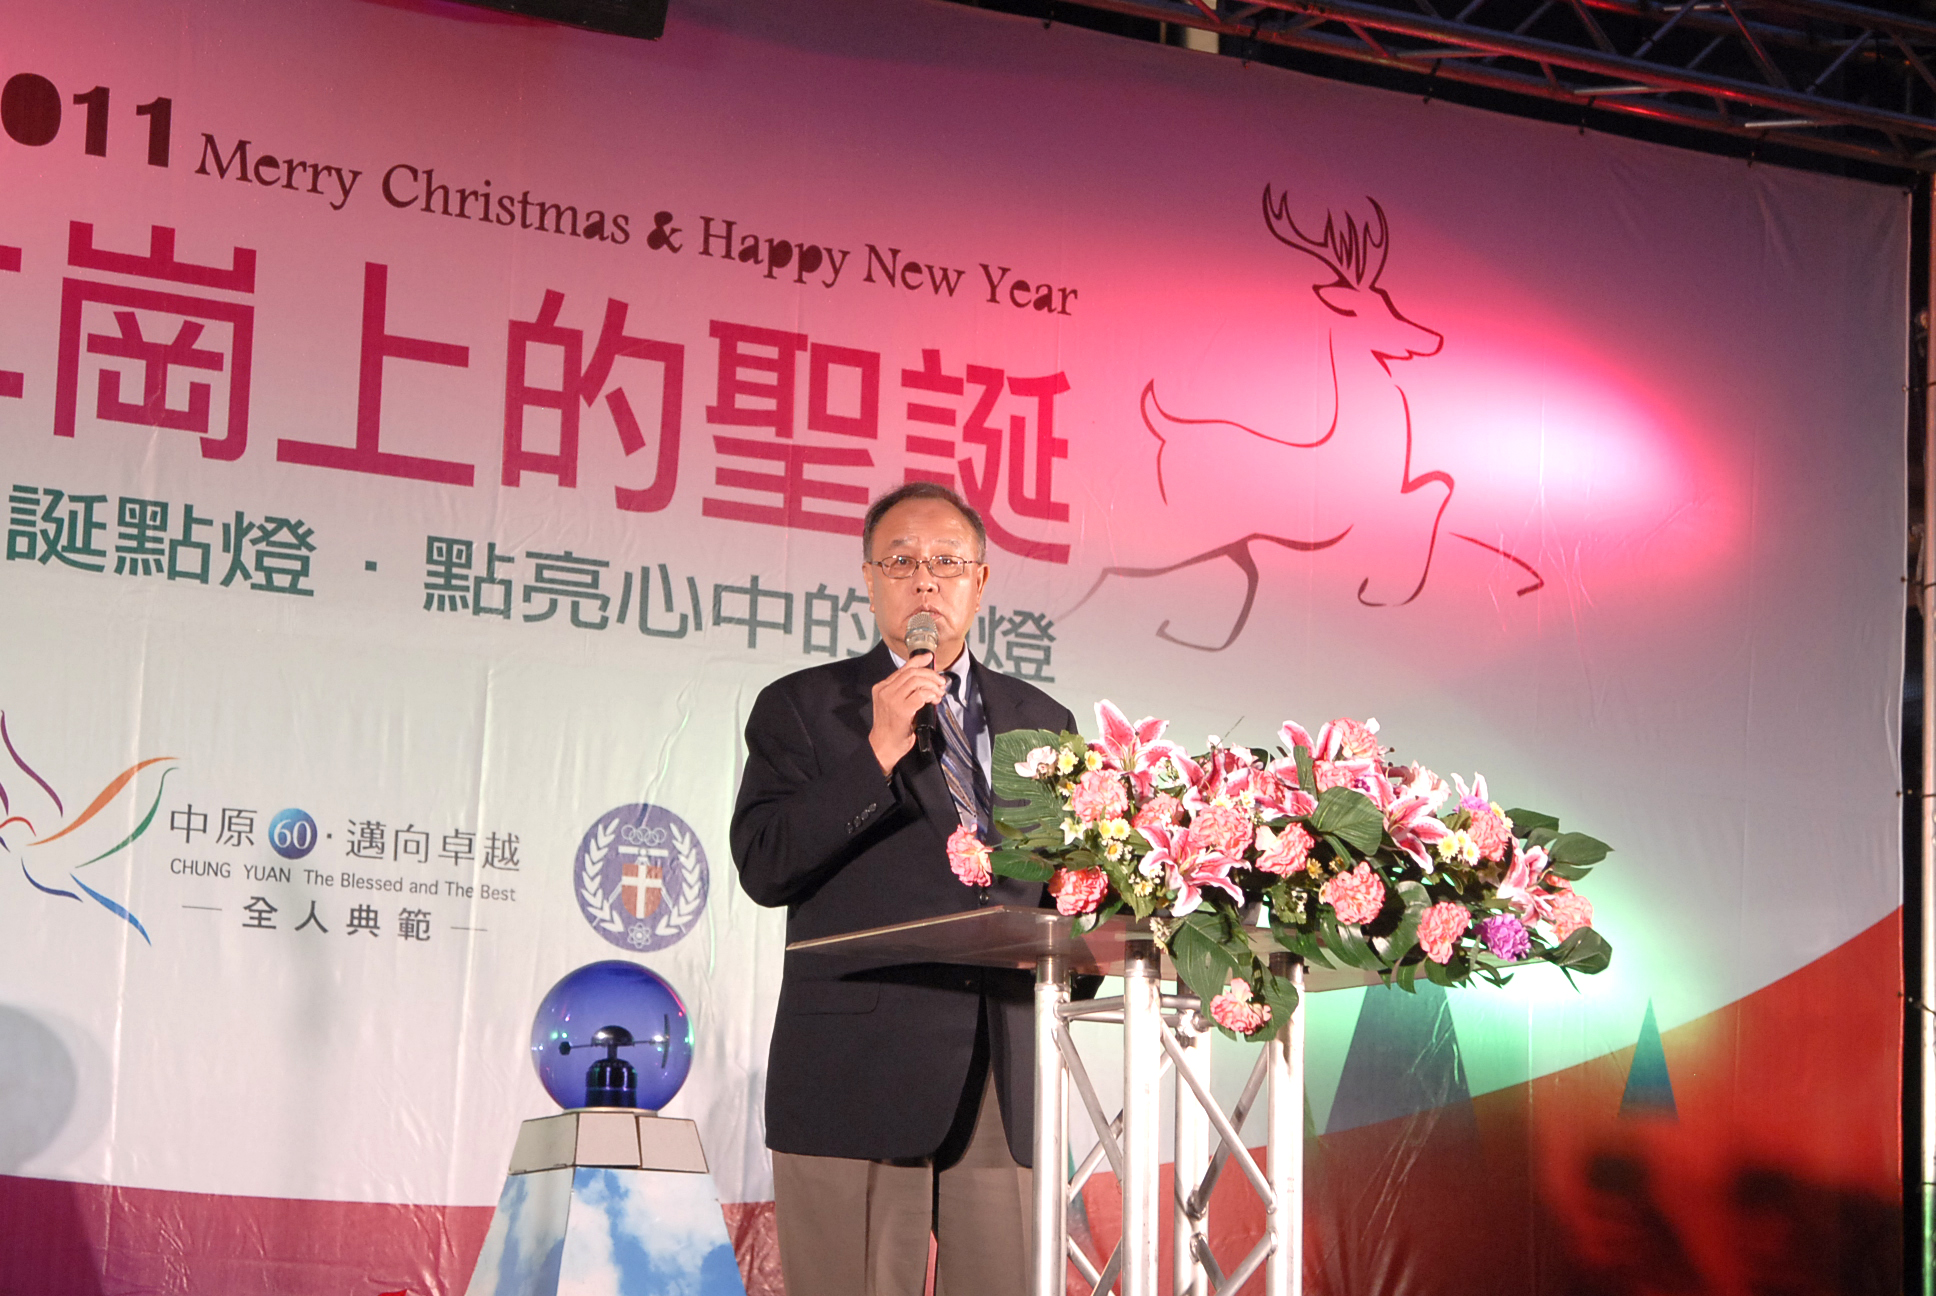 2010聖誕點燈 點亮心中的明燈